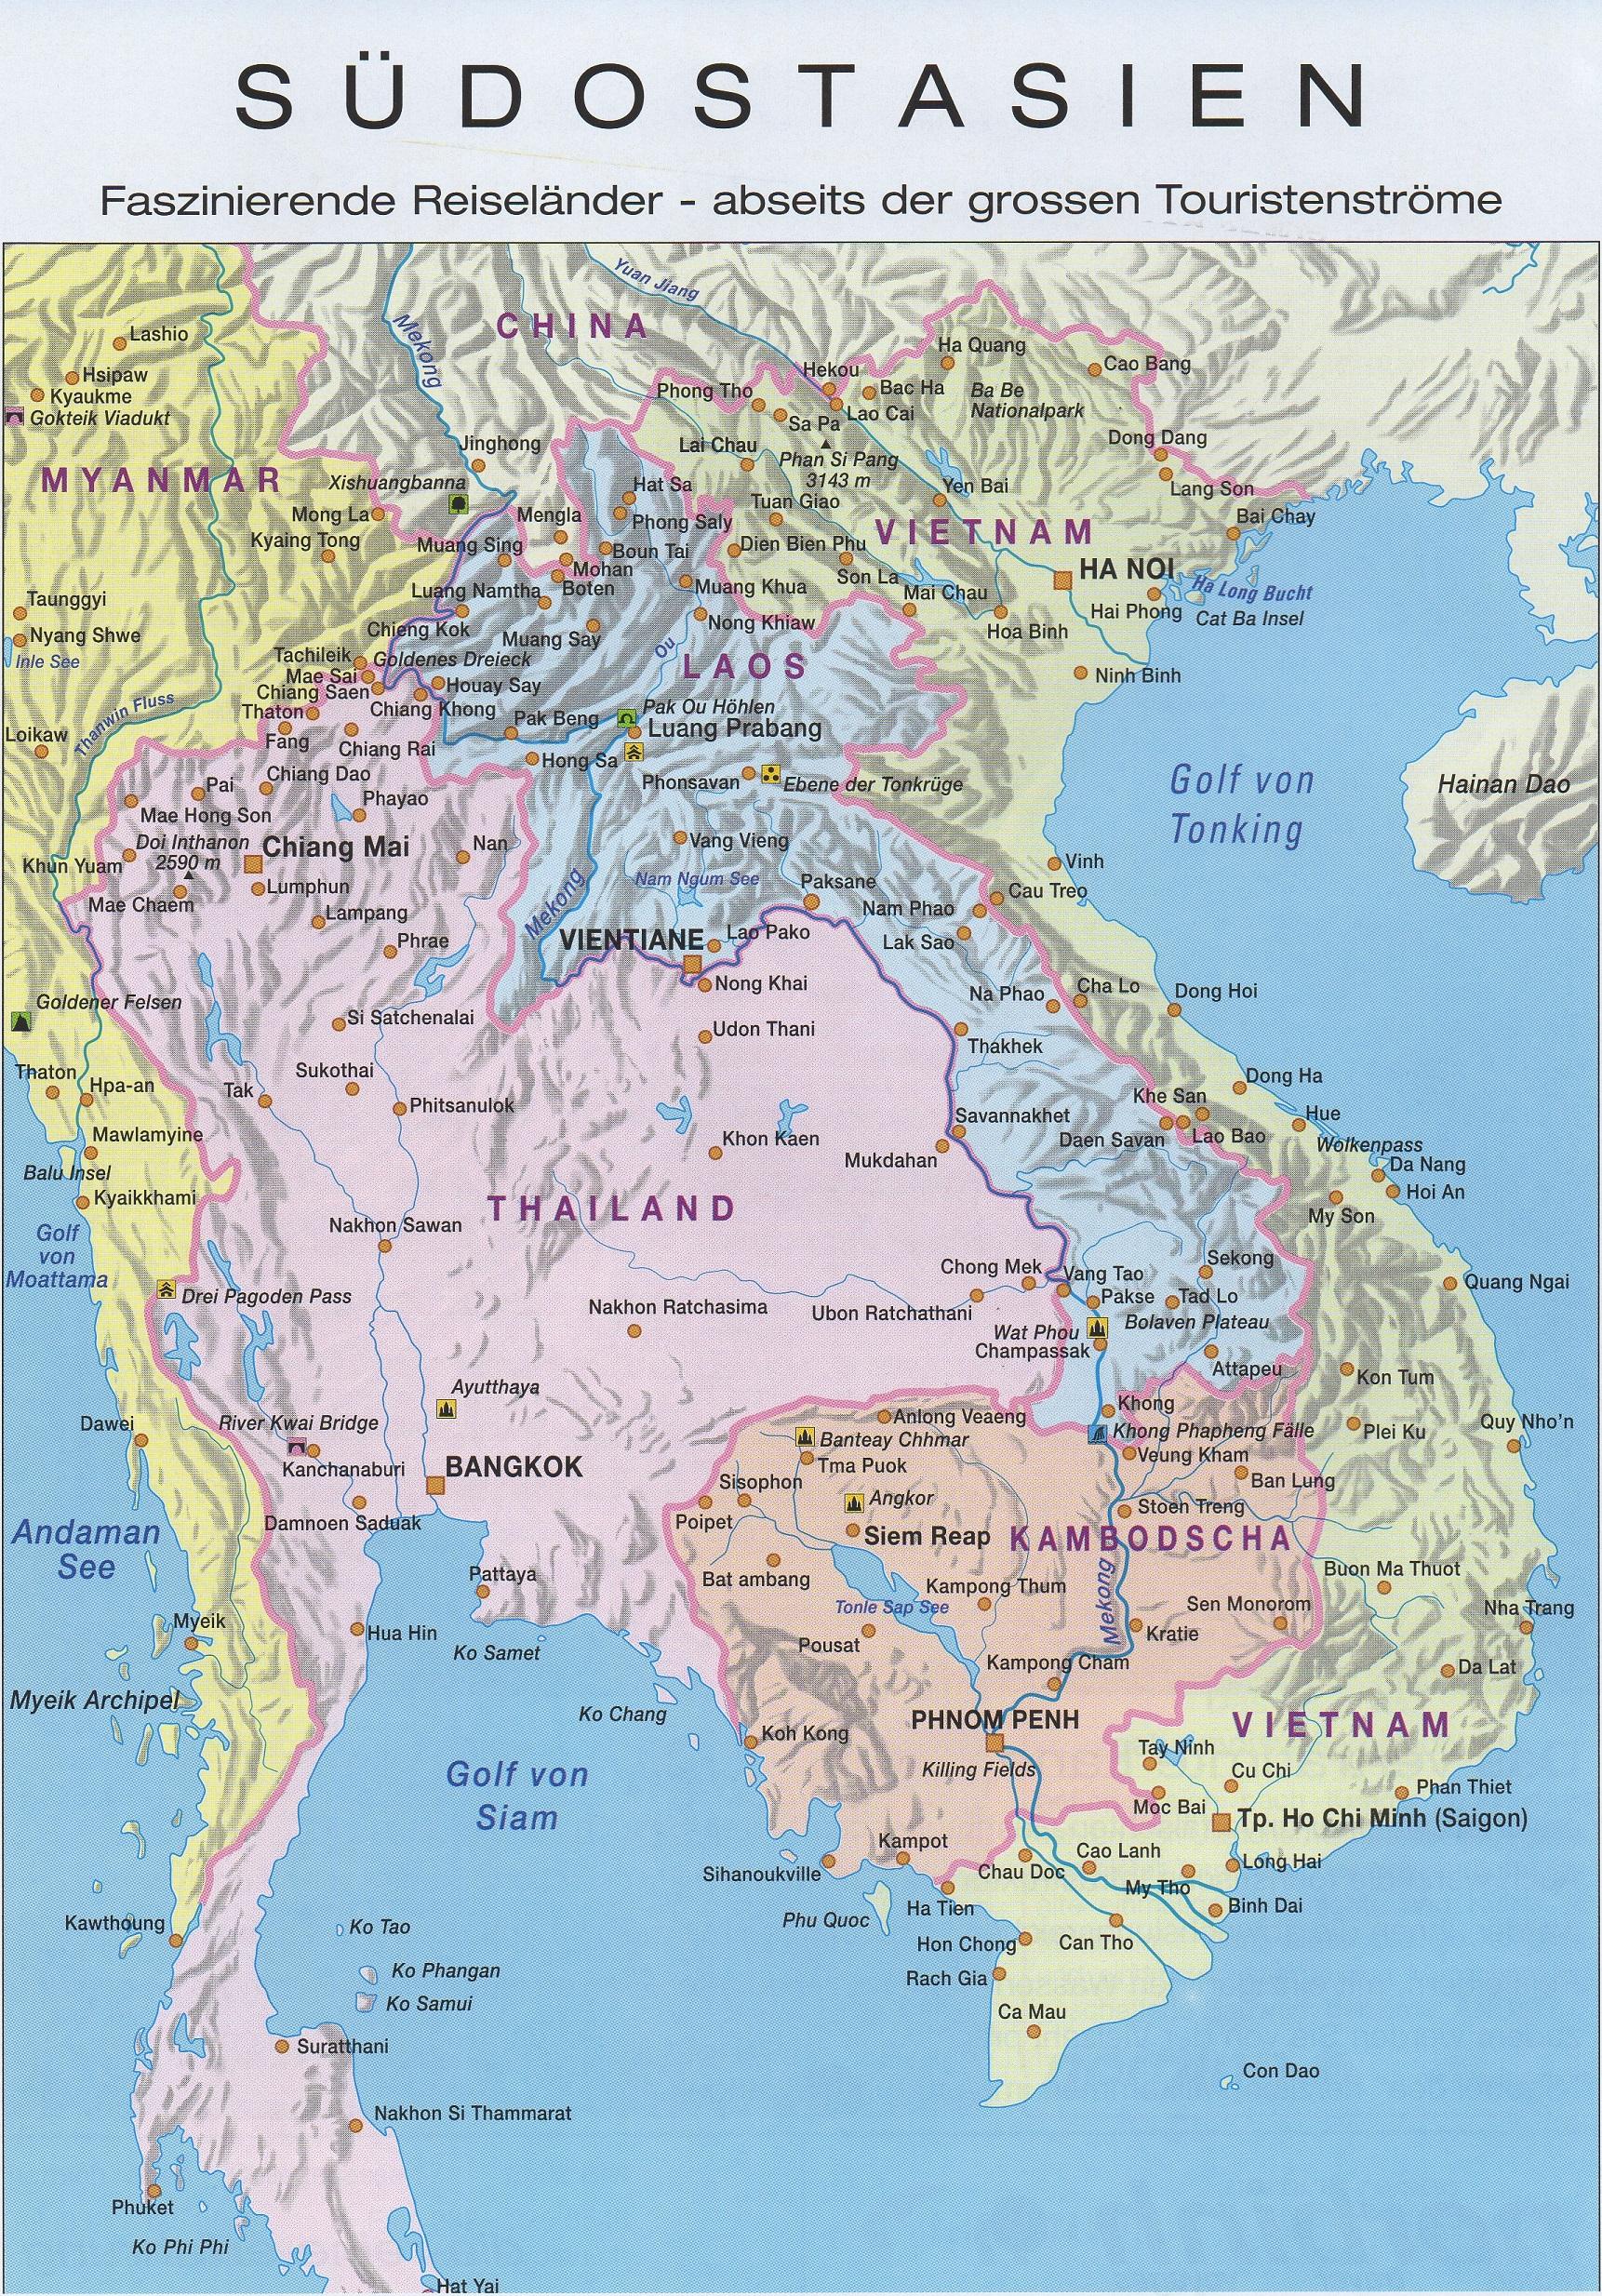 Karte Thailand Kambodscha.Thailand Kambodscha Karte Hanzeontwerpfabriek